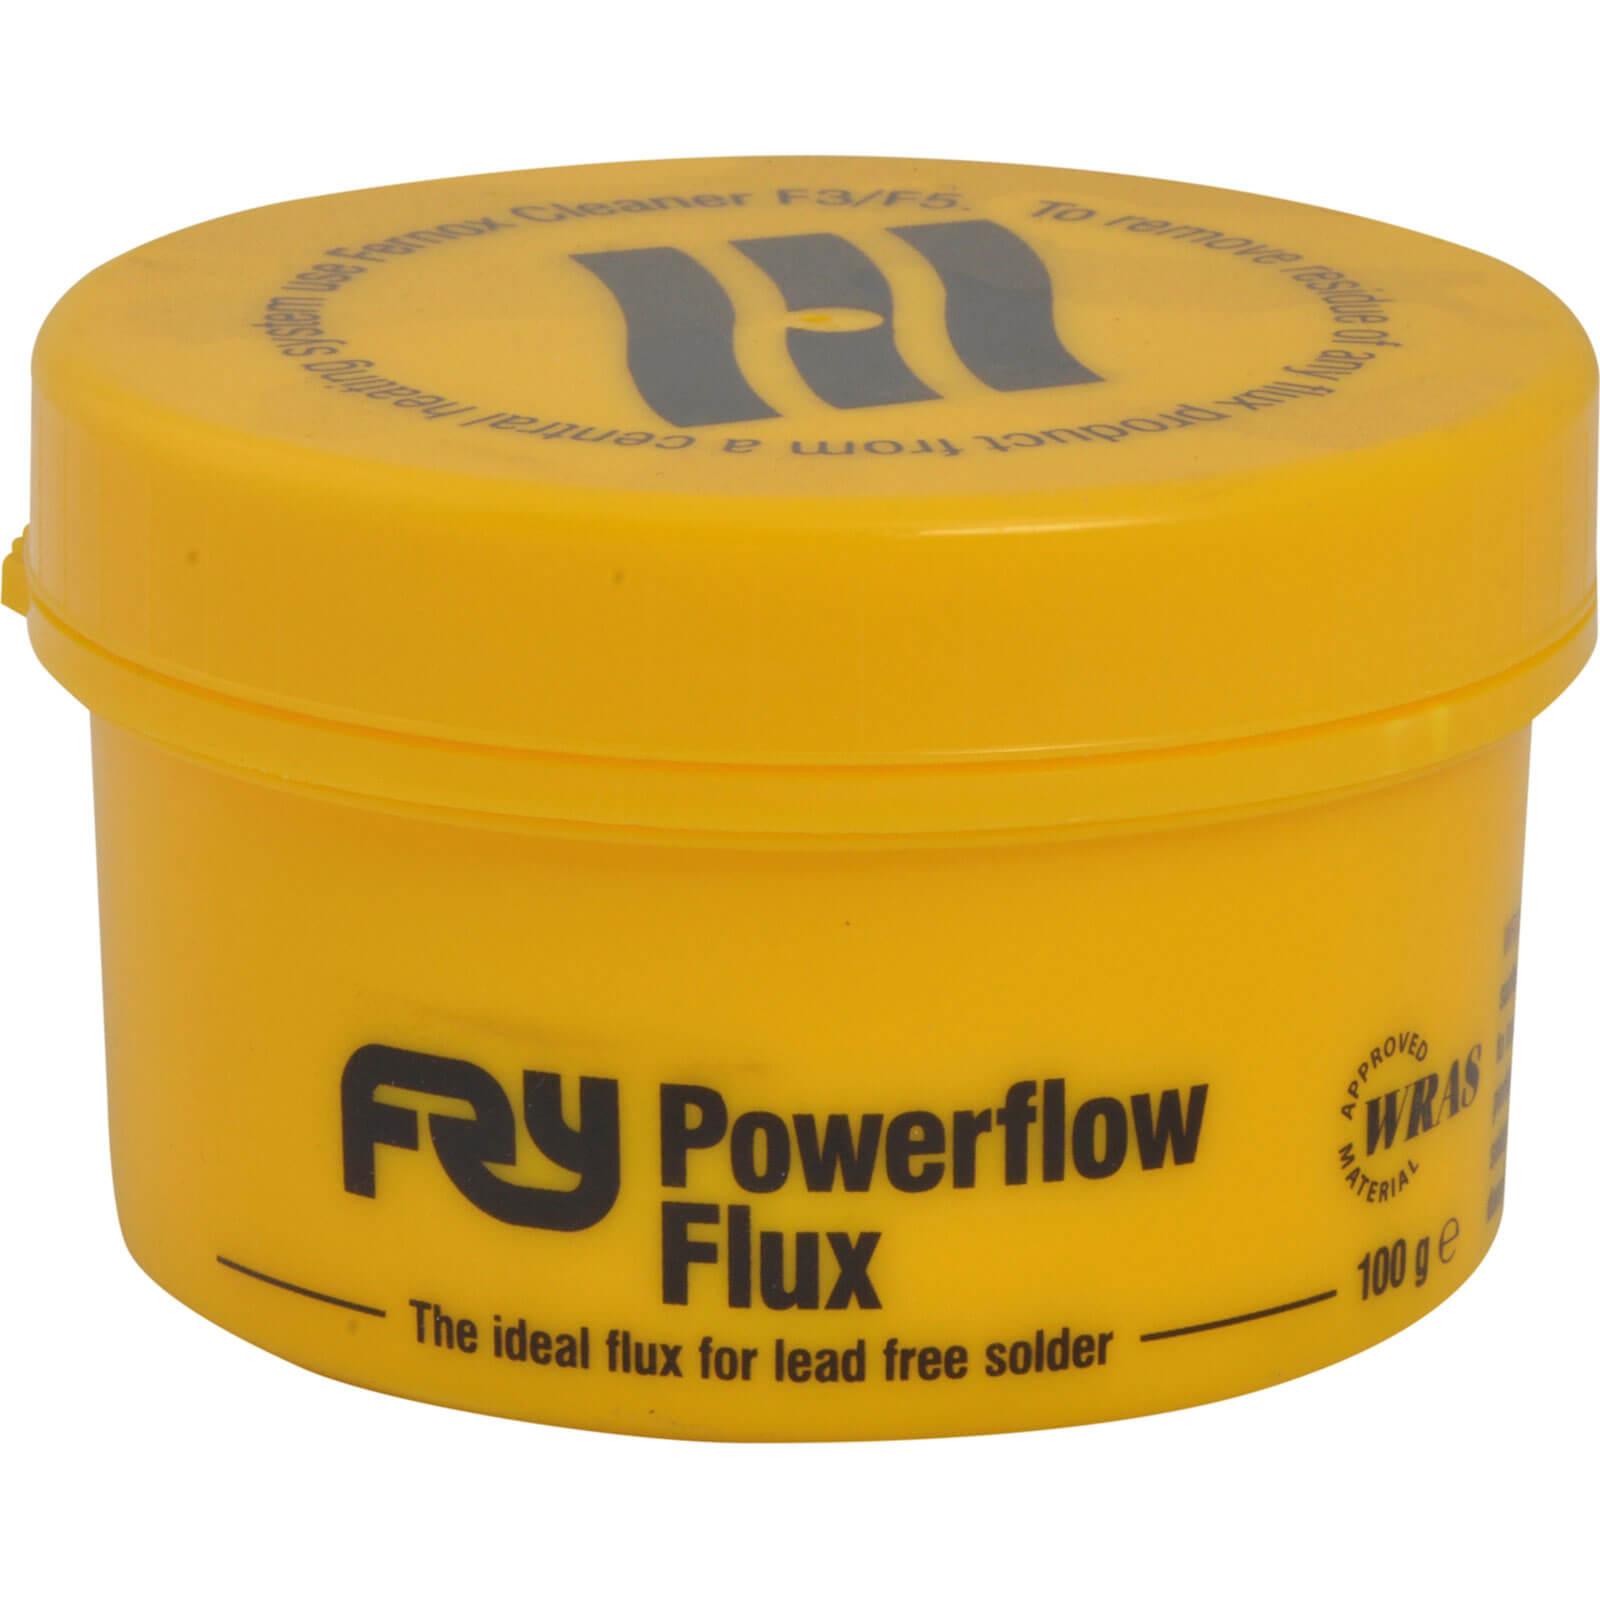 Image of Frys Powerflow Flux 100g